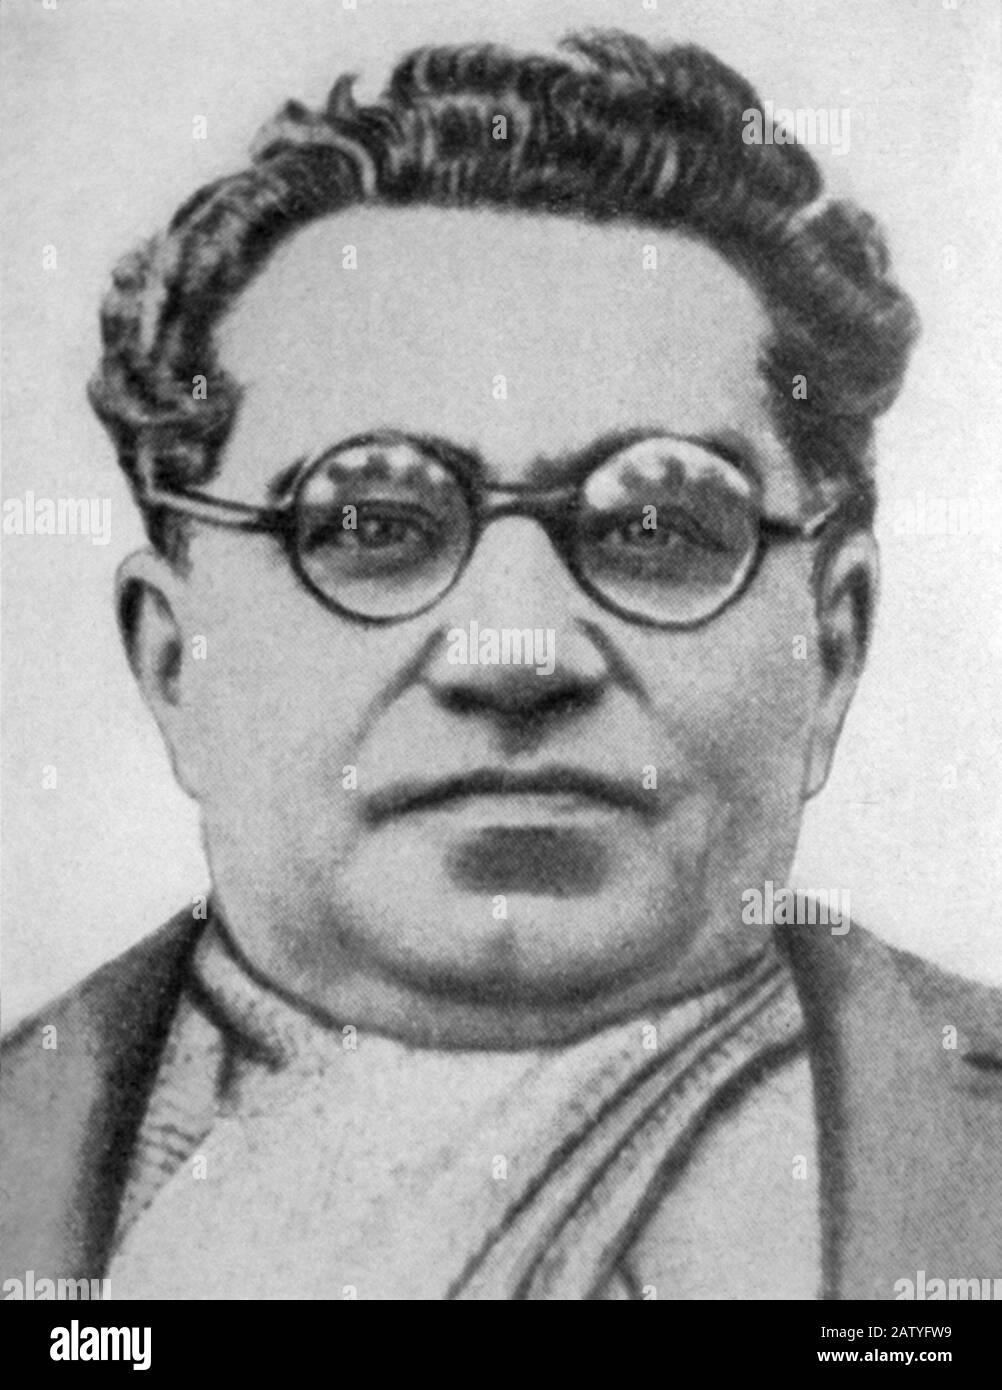 1937 CA : ANTONIO GRAMSCI ( Ales , Oristano 1891 - Roma 1937 ) intelectual italiano, escritor y comunista - PARTIDO COMUNISTA ITALIANO - PCI - P. Foto de stock